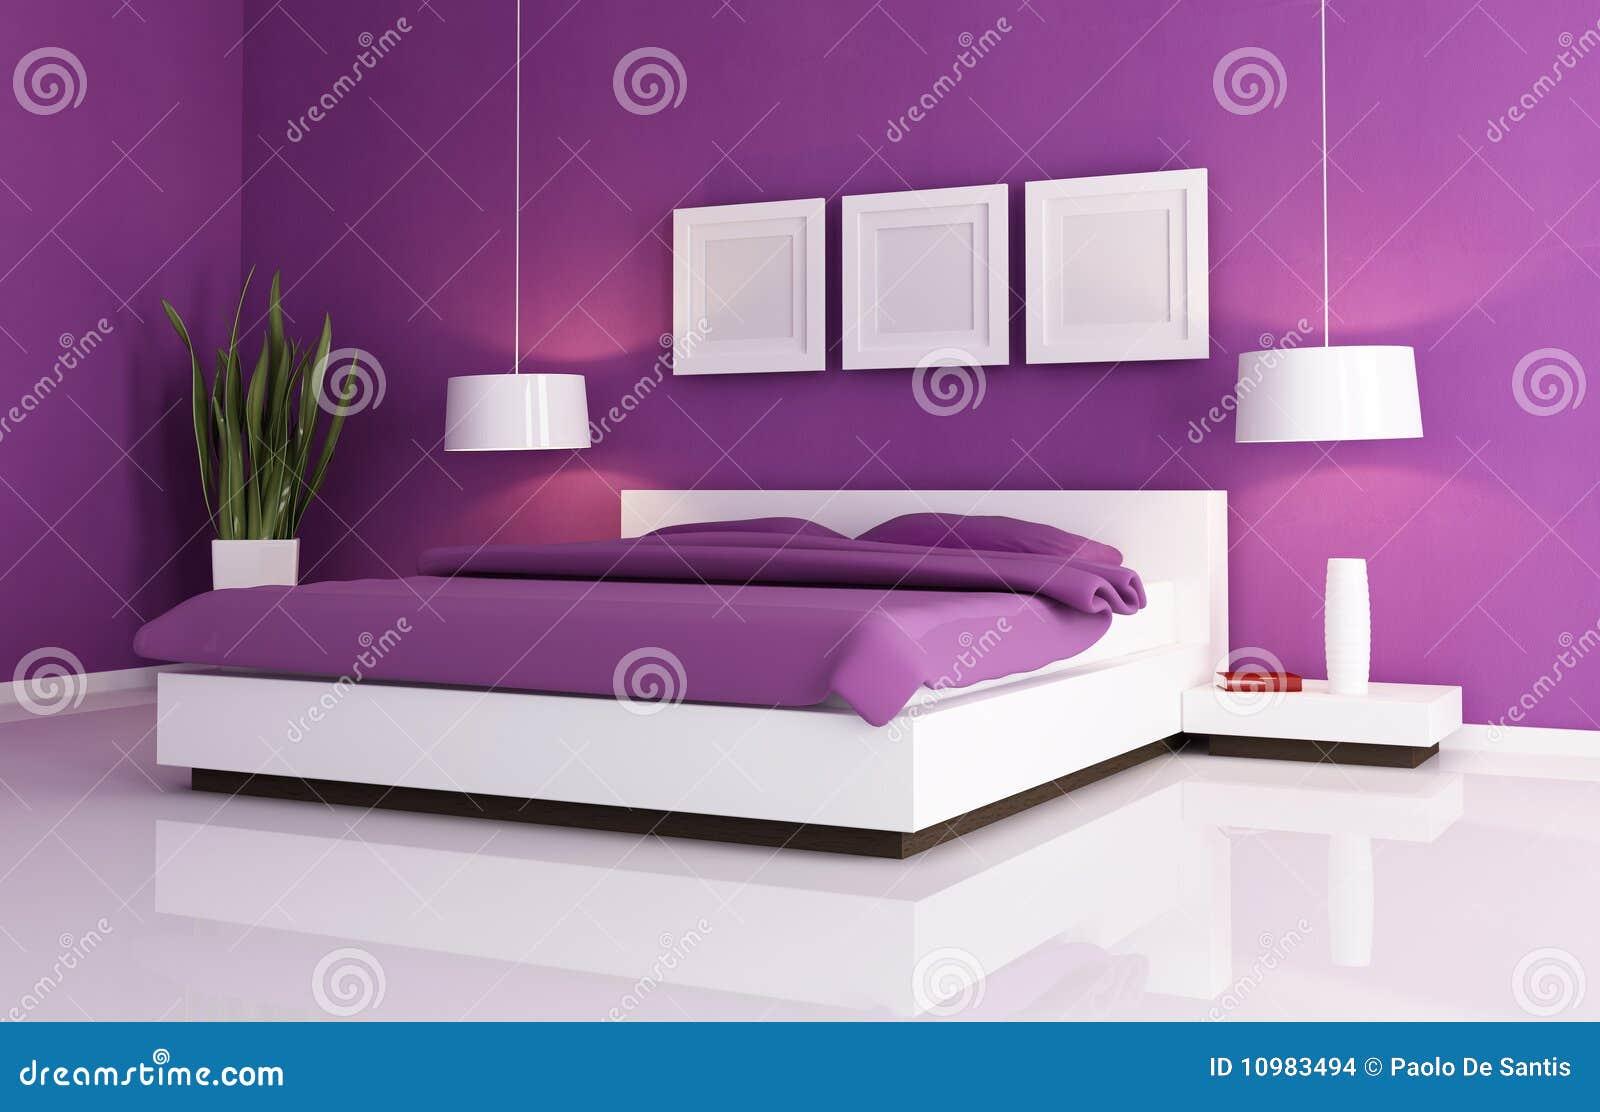 Moderne rode en zwarte slaapkamer royalty vrije stock afbeeldingen ...